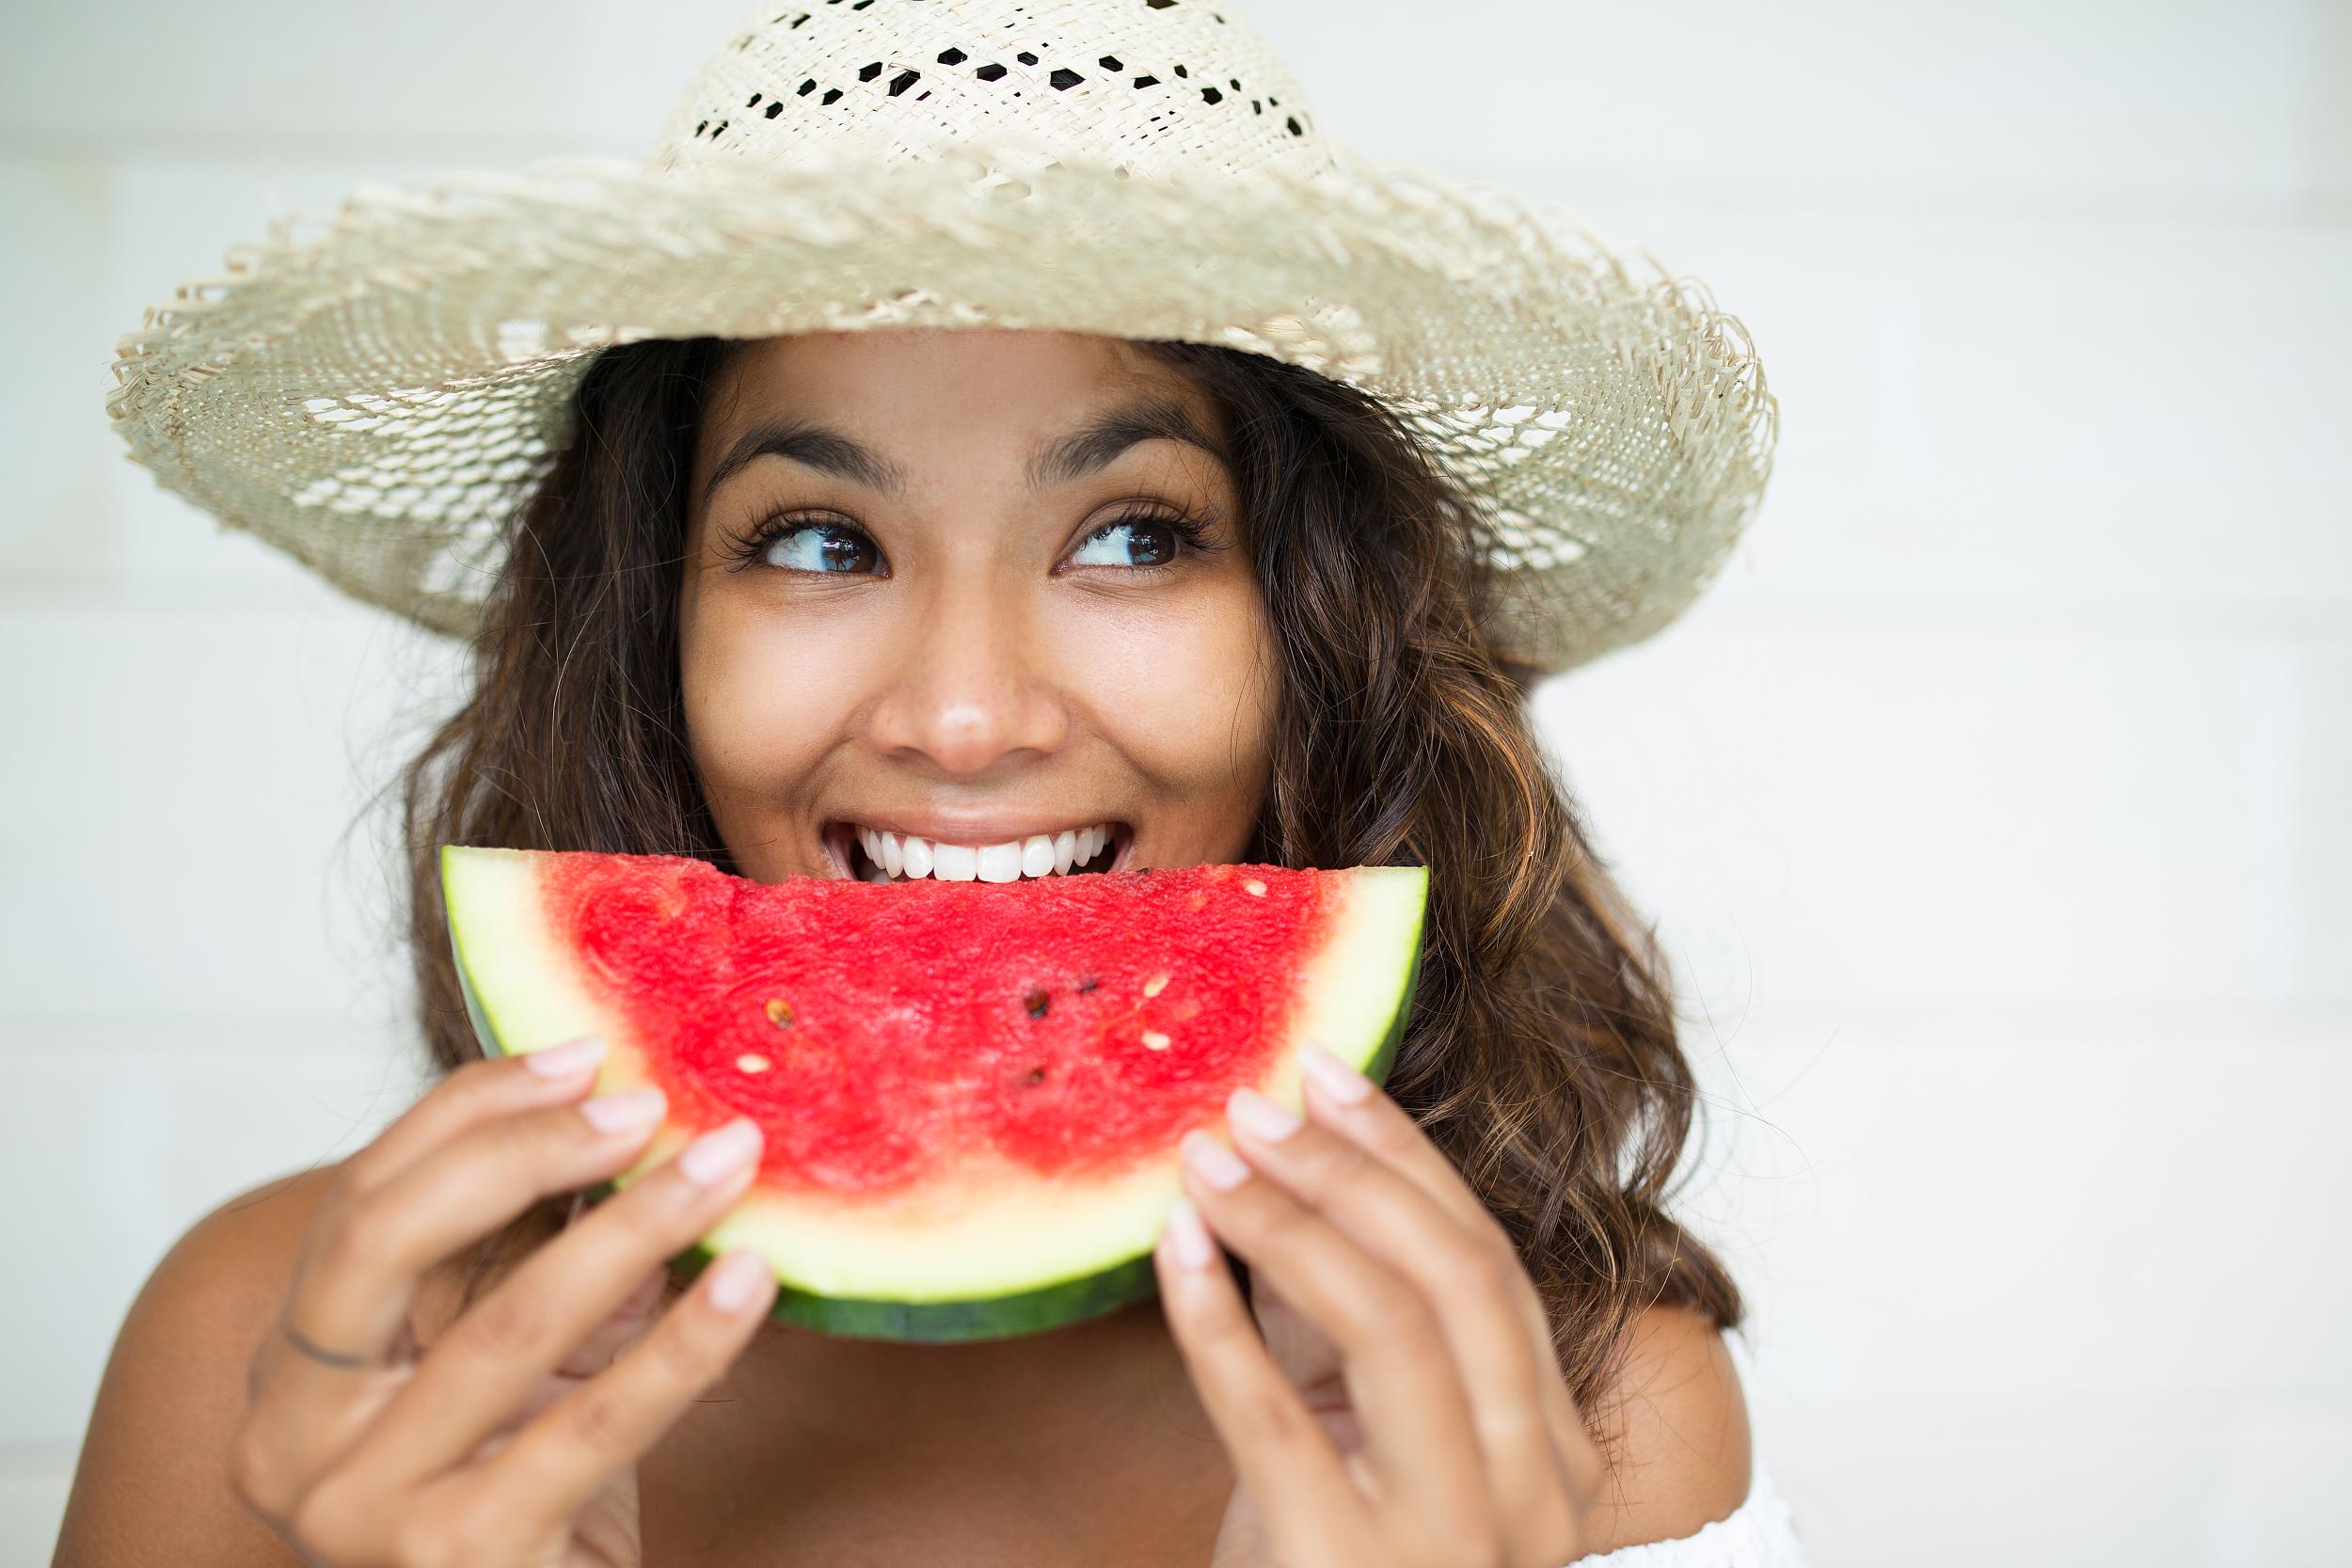 西班牙专家告诉你,夏天吃西瓜除了补水还有这个好处!